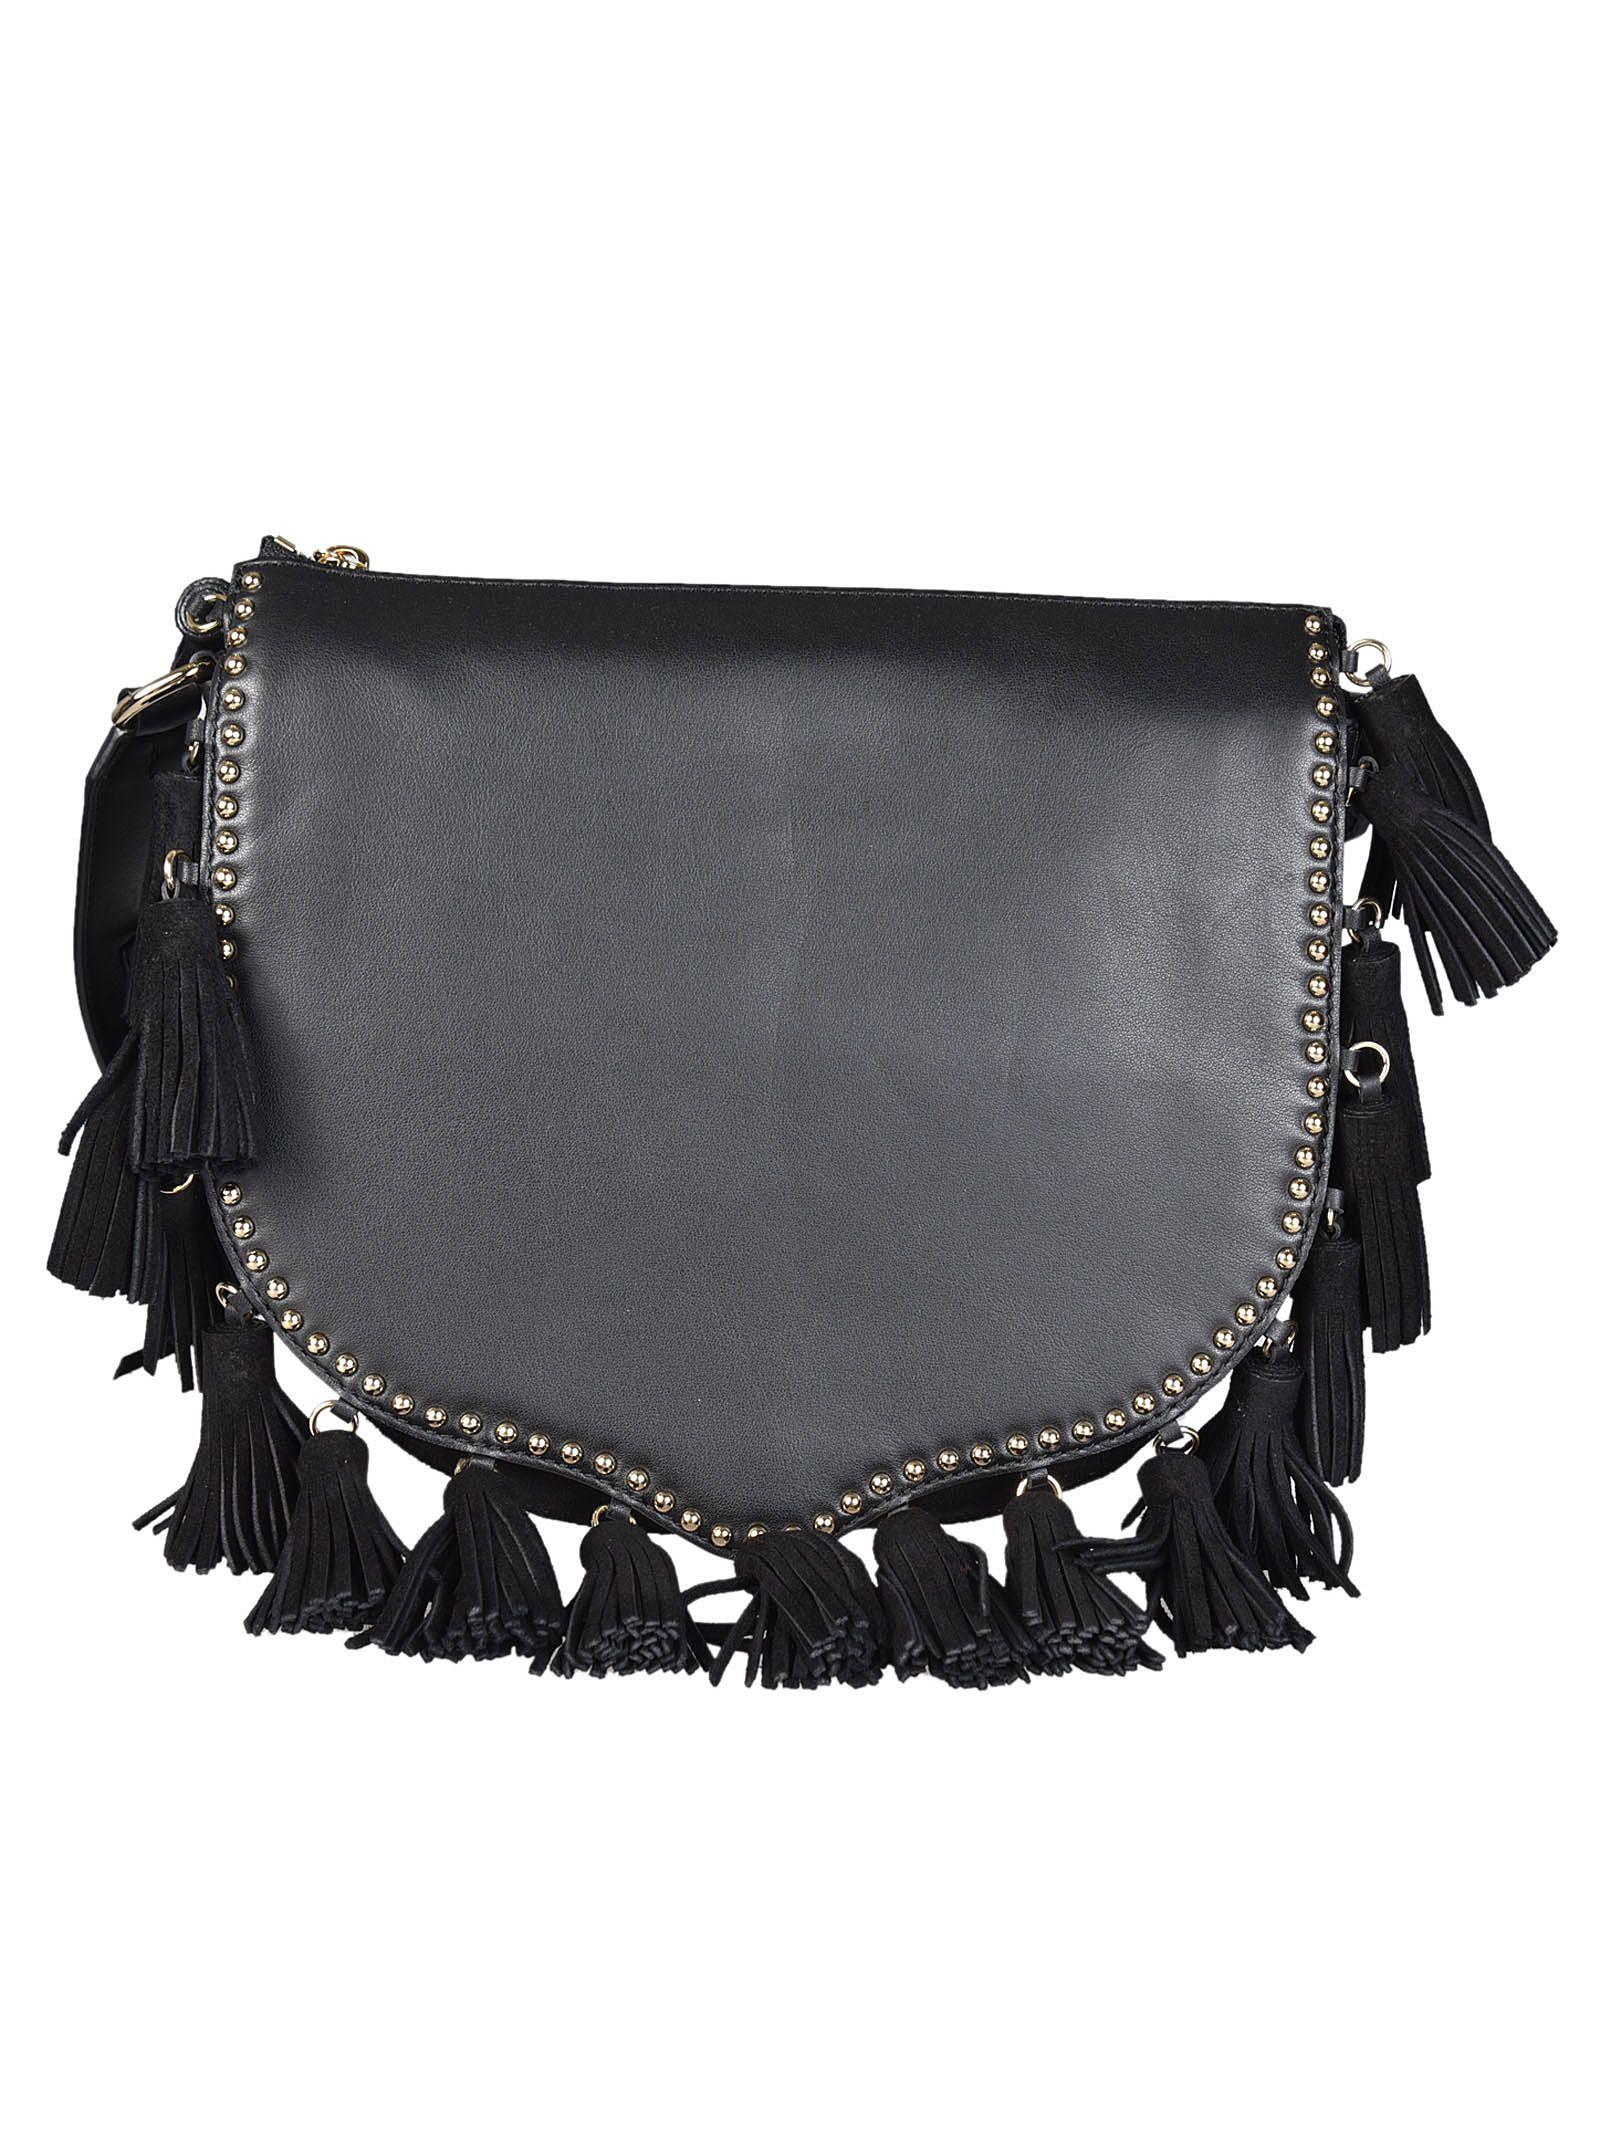 Rebecca Minkoff Large Multi-tassel Shoulder Bag